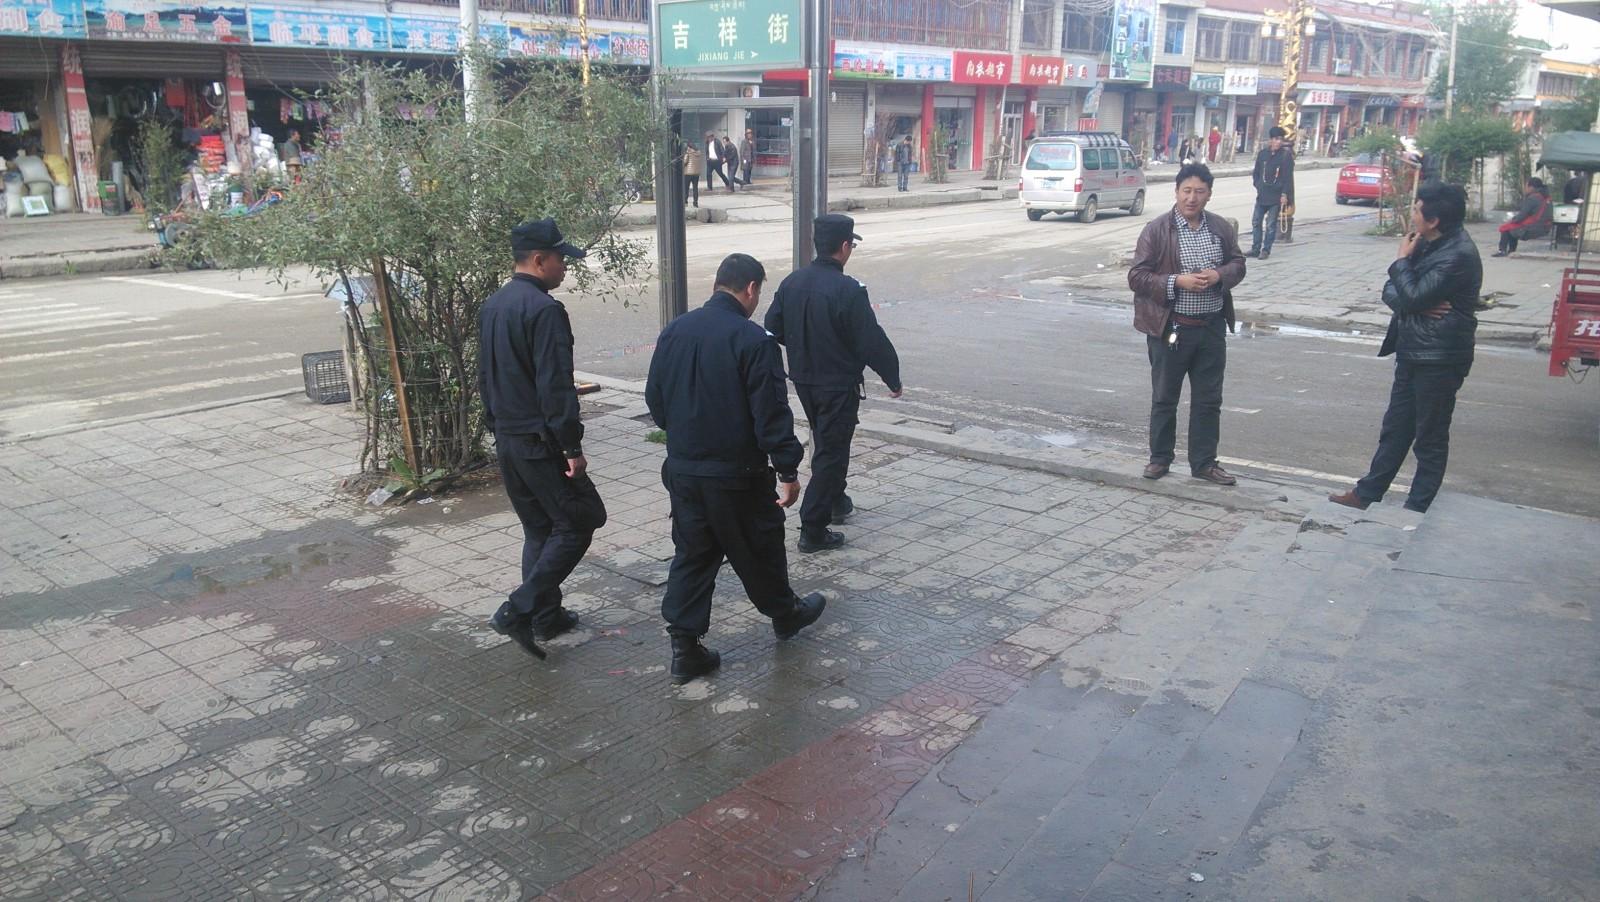 街上随处可见Cop……